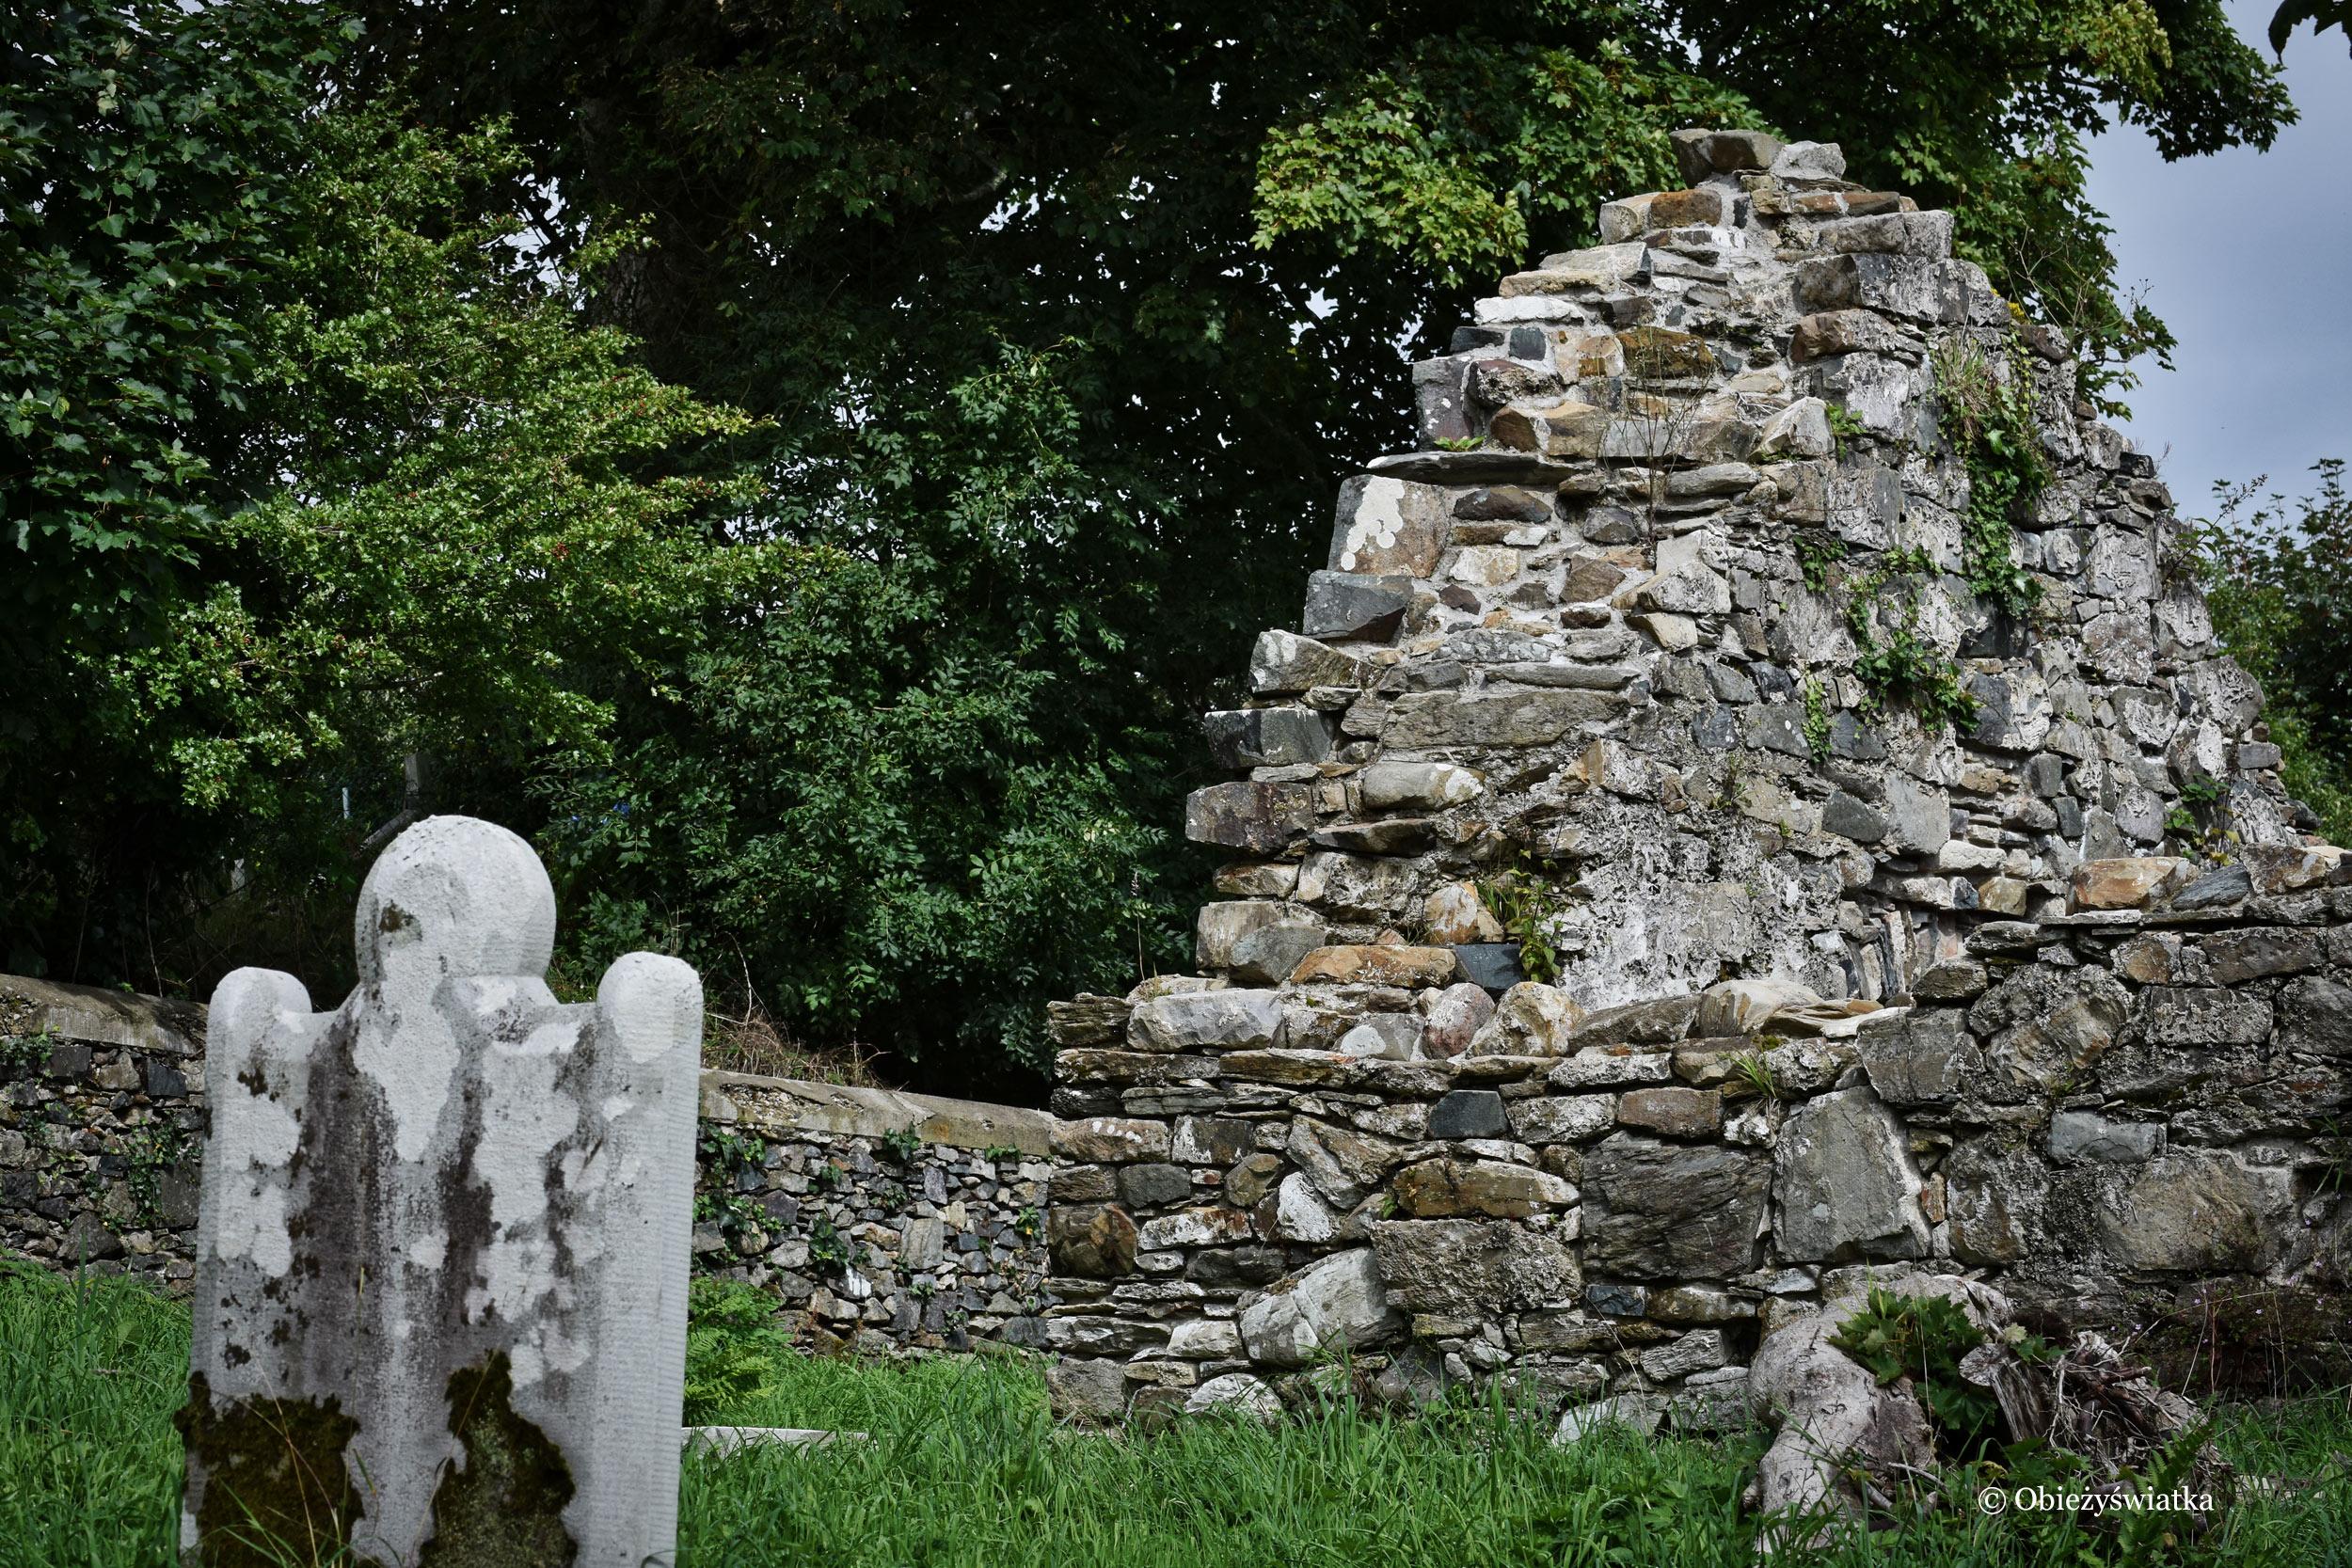 Zachowane fragmenty klasztoru i zamku w Killybegs, Irlandia